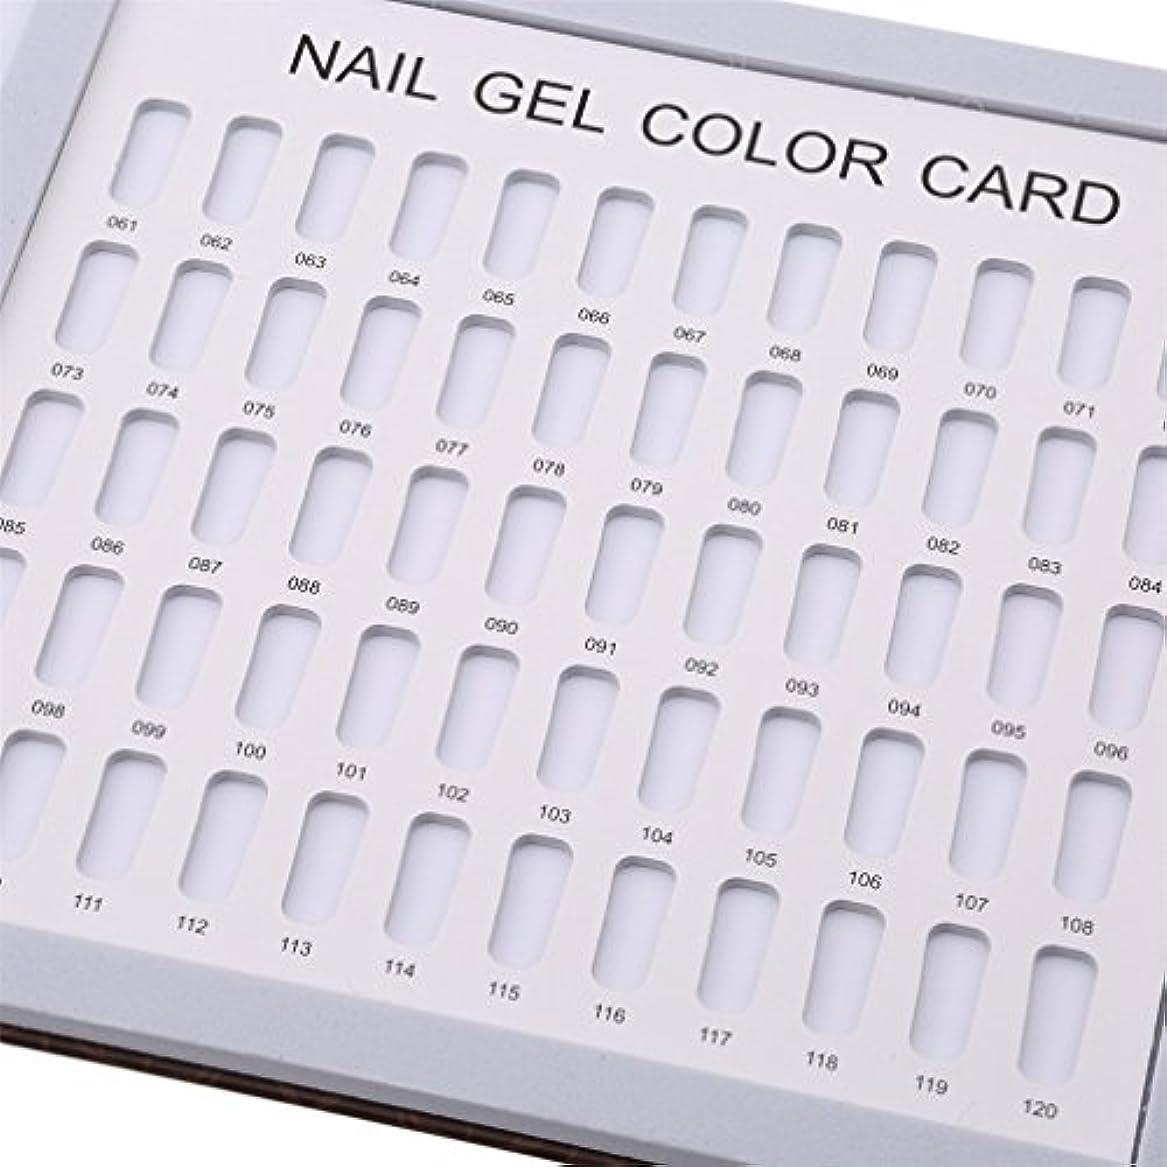 LJSLYJ 120色 シンプルでスタイリッシュ サンプル帳 カラーチャート ブック ネイルマニキュアカラー色見本 ネイルジェルカードボックス,コーヒーローズ模様